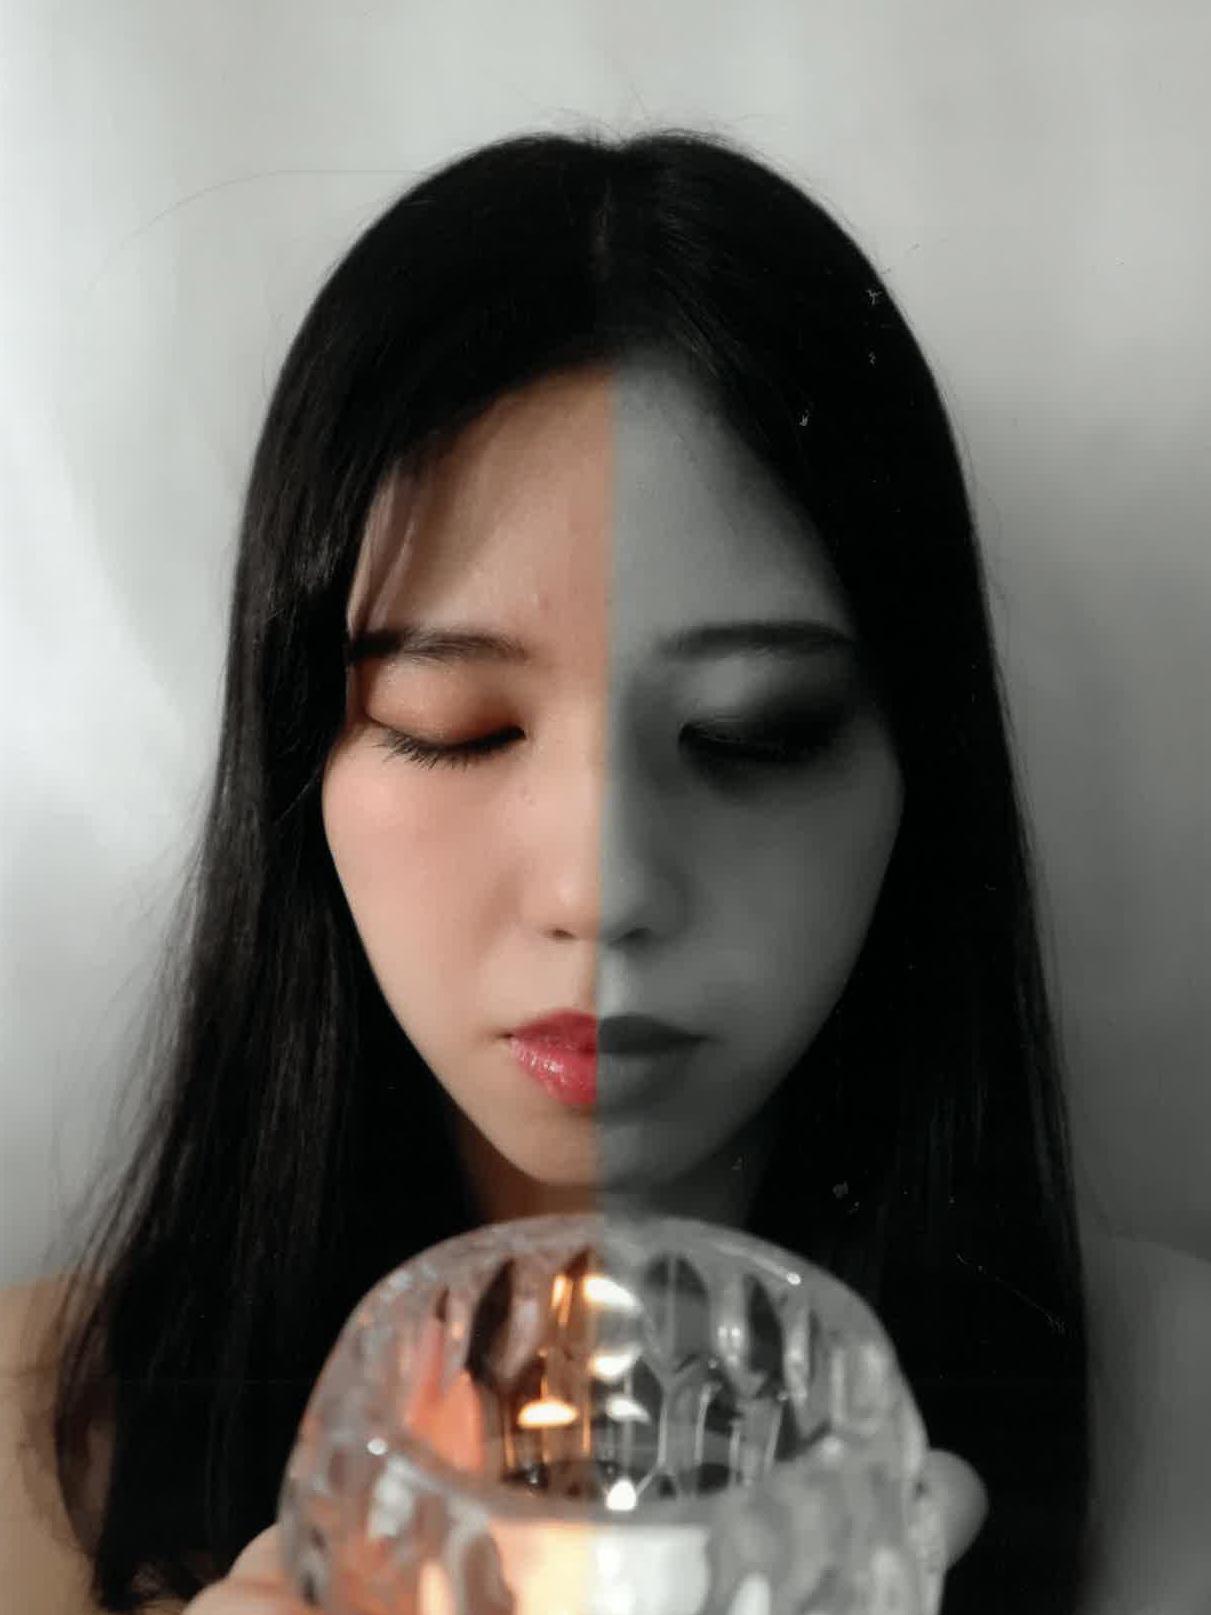 土屋杏莉・岡本彩佳さんの作品画像